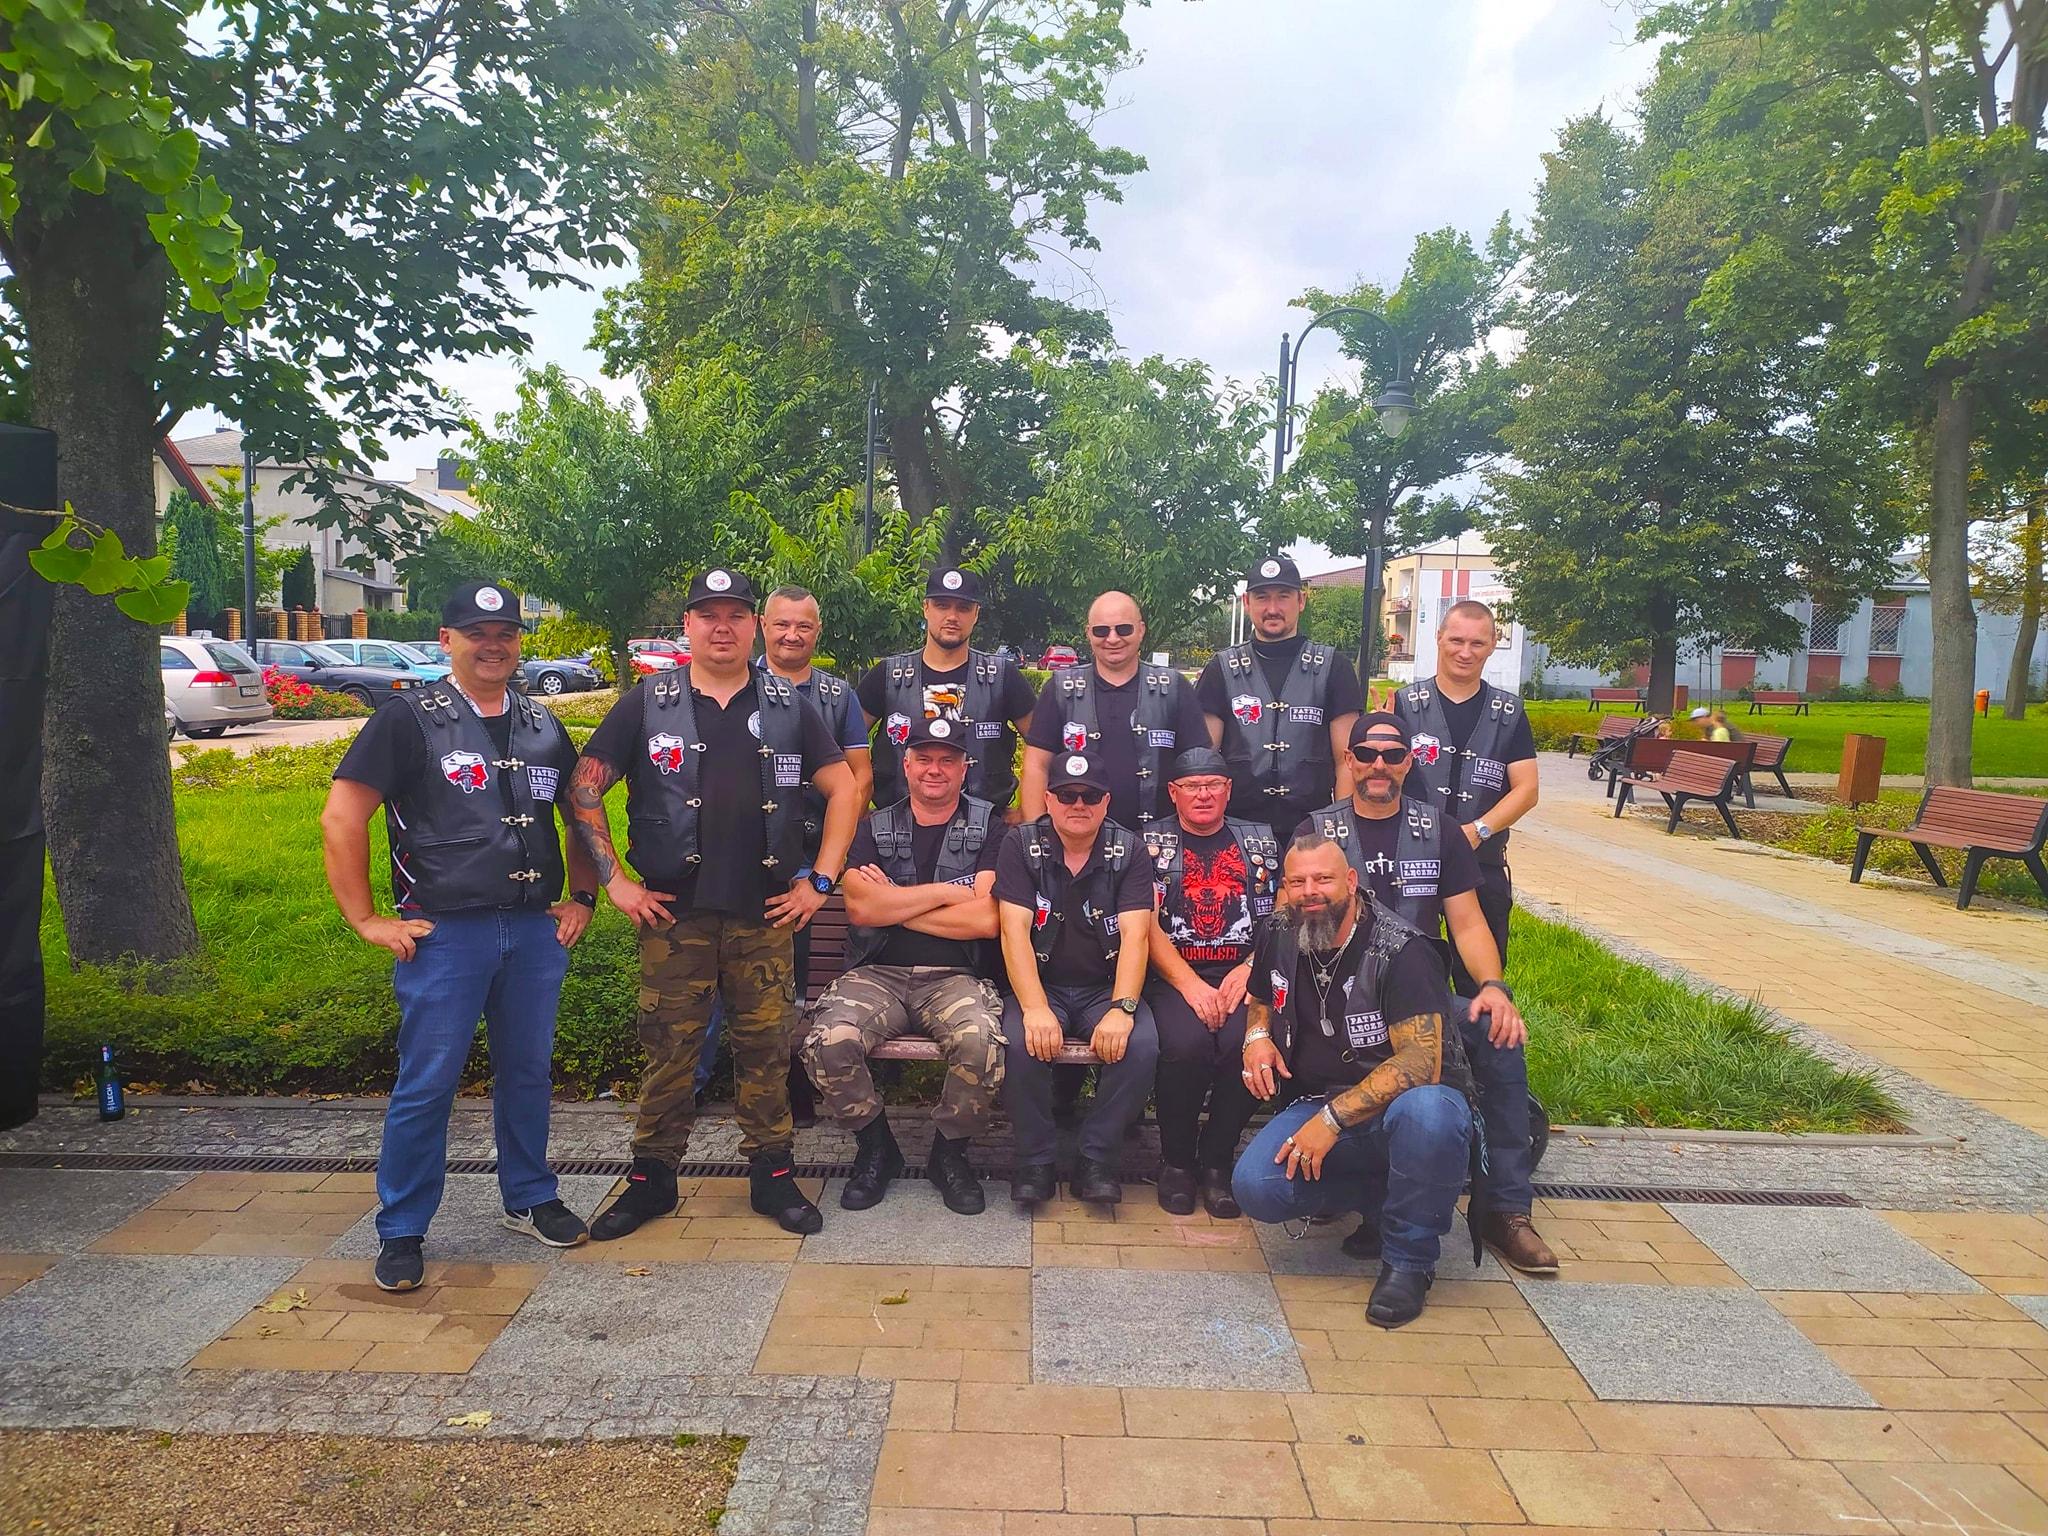 Trójkołowce, harleye i wojskowe motocykle na Motosercu w Łęcznej (wideo, zdjęcia) - Zdjęcie główne